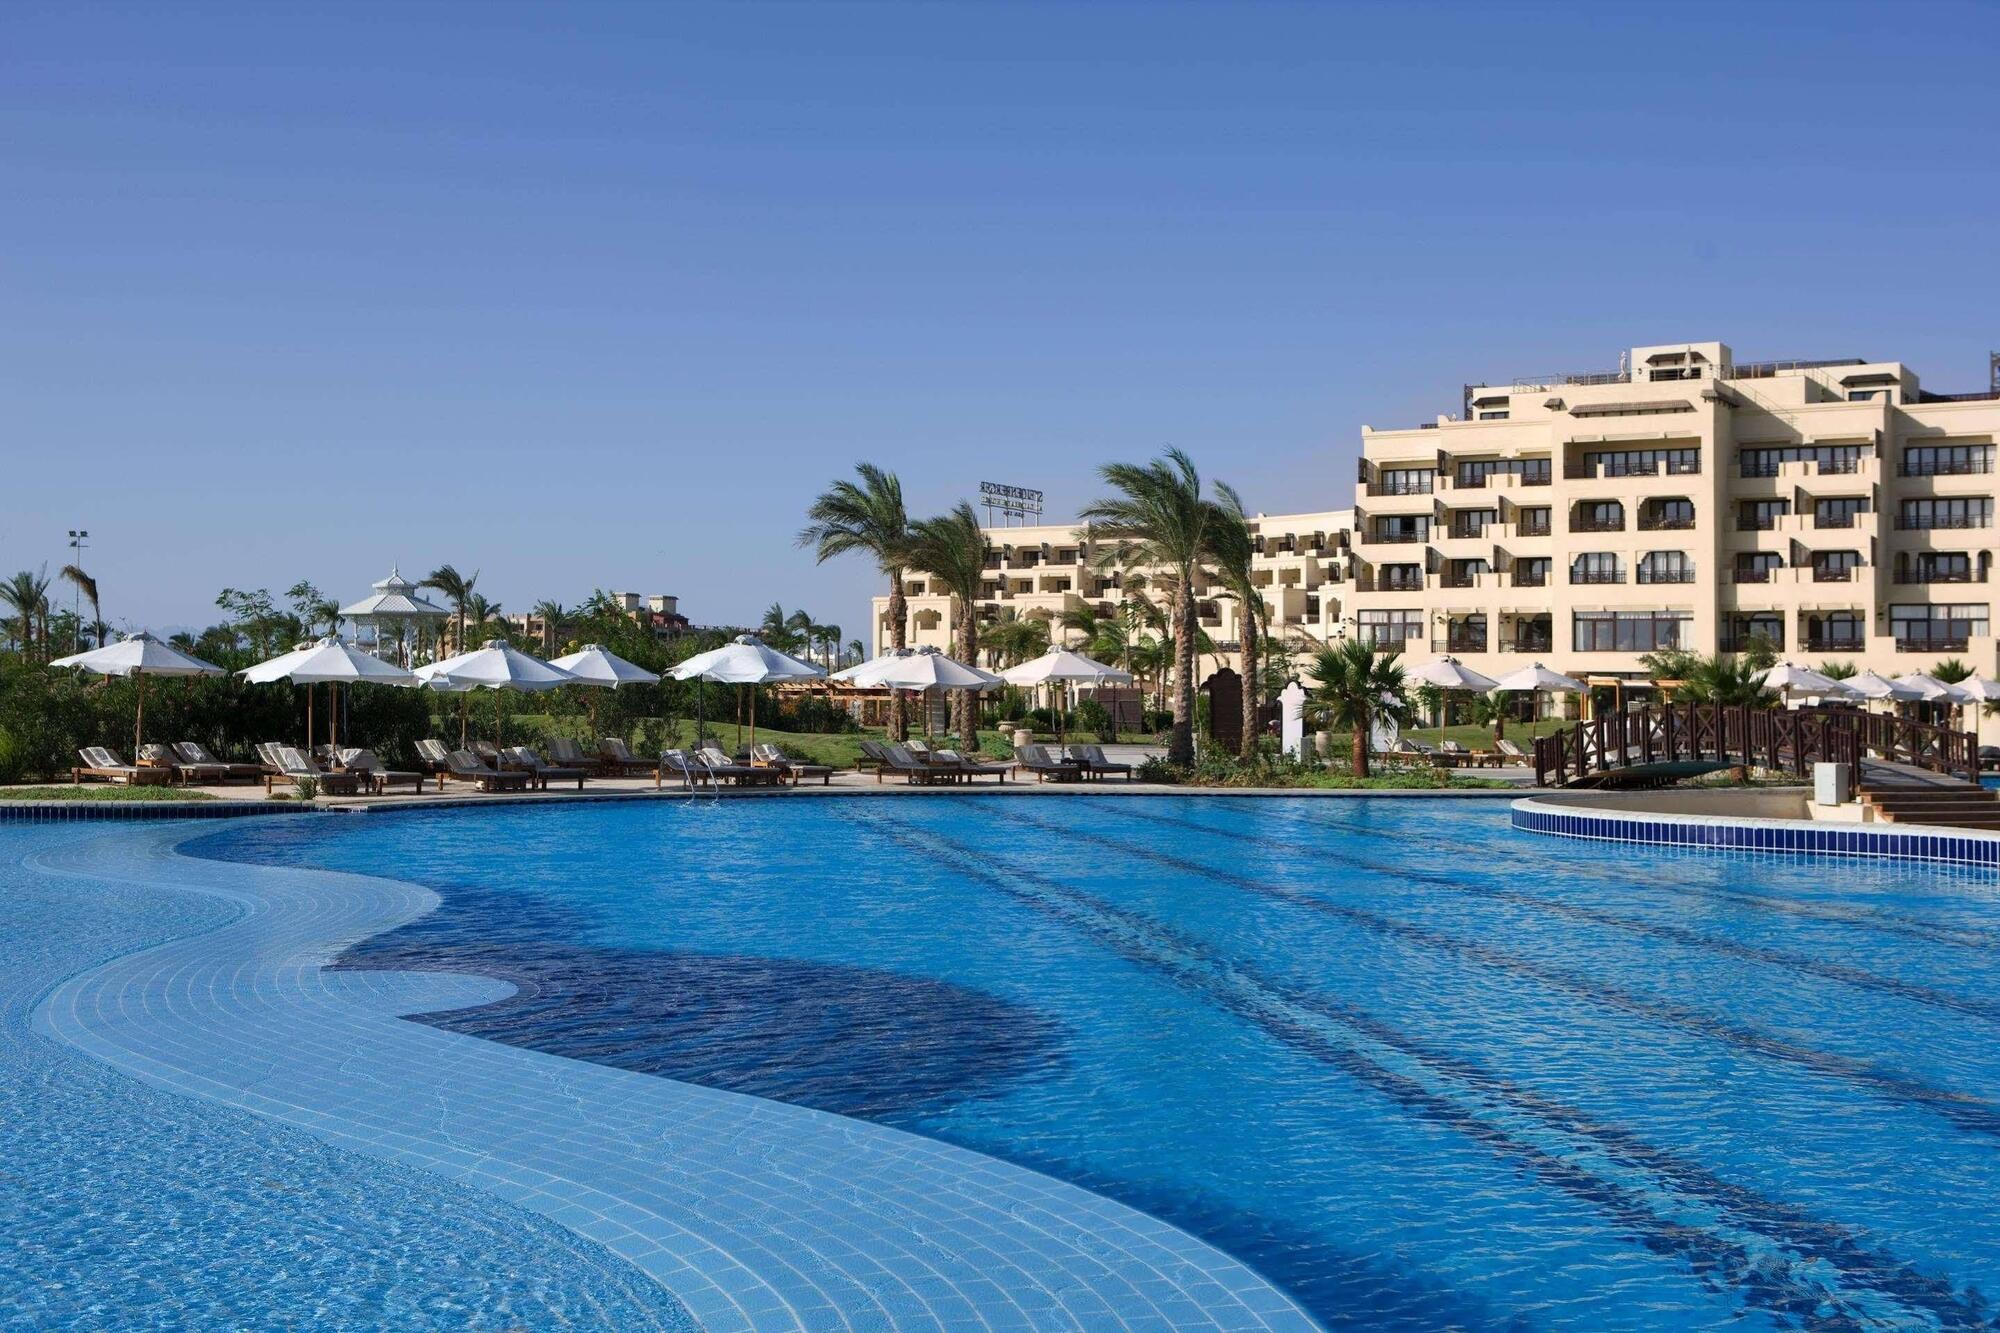 Steigenberger Aldau Beach Hotel, Hurghada Image 3